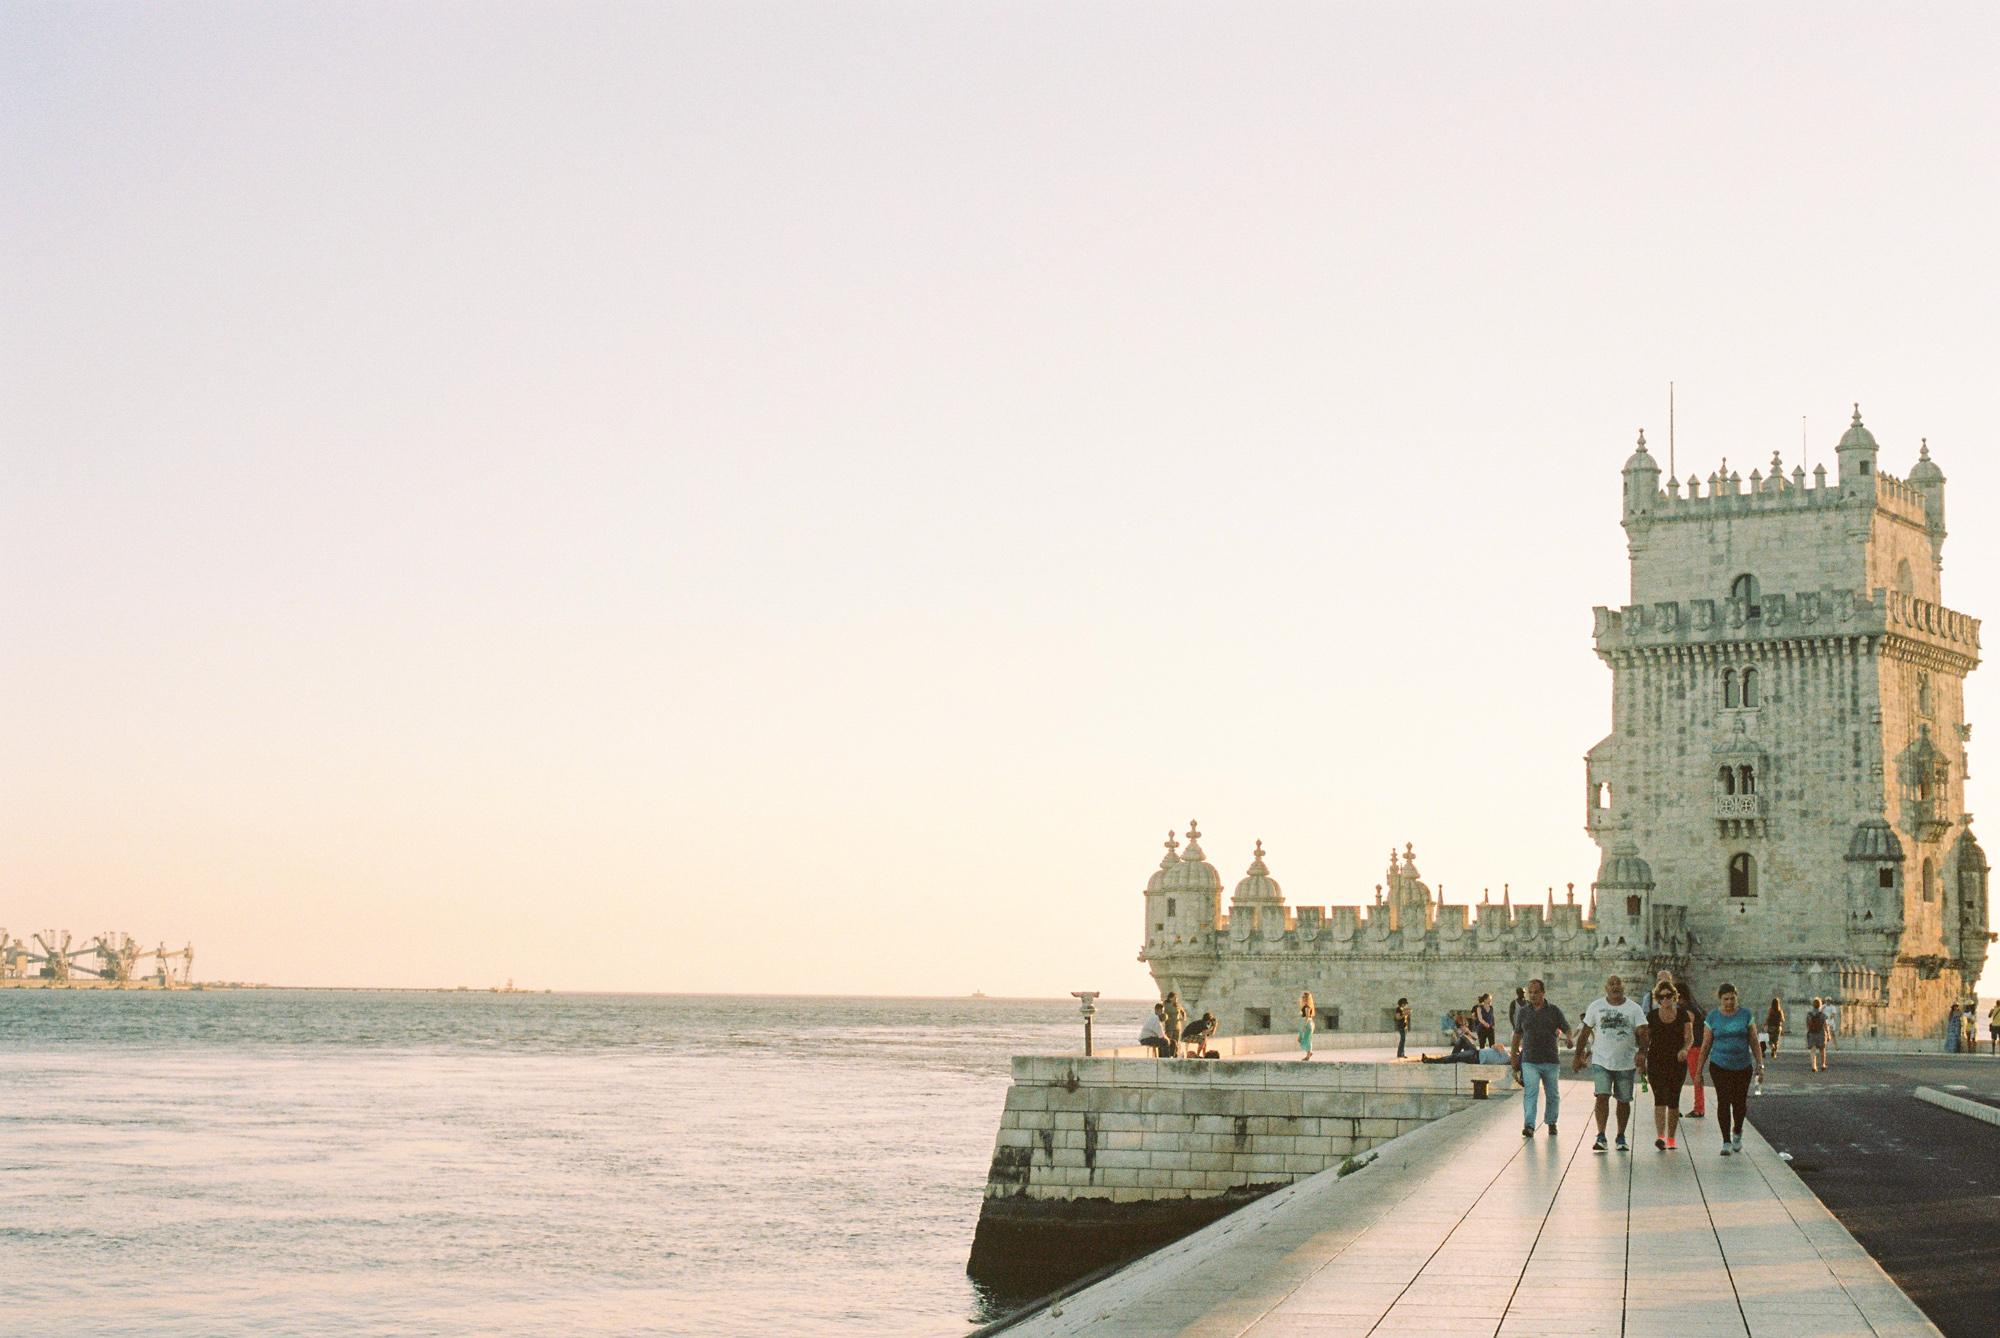 Fotografia-Analogica-Lisboa-Filme-Oceanica-17.jpg